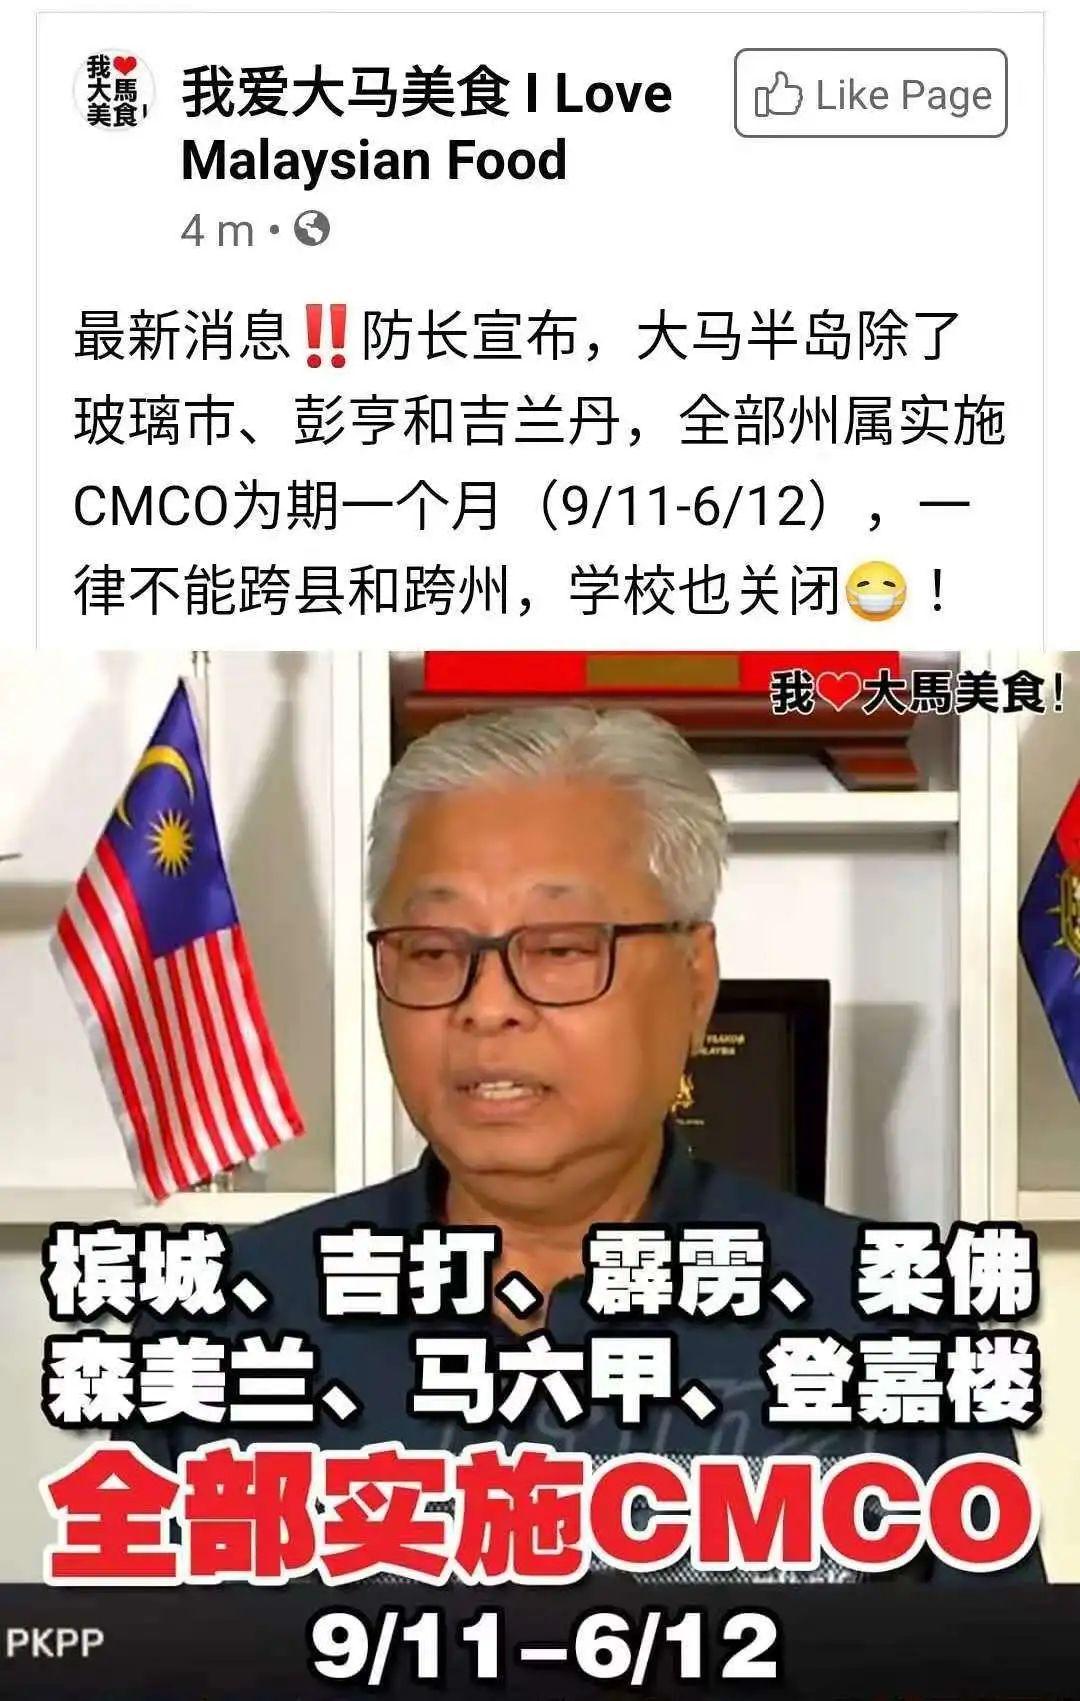 """马来疫情反扑再度""""封城"""" 聊聊后疫情时代 跨境电商的机遇和挑战(图2)"""